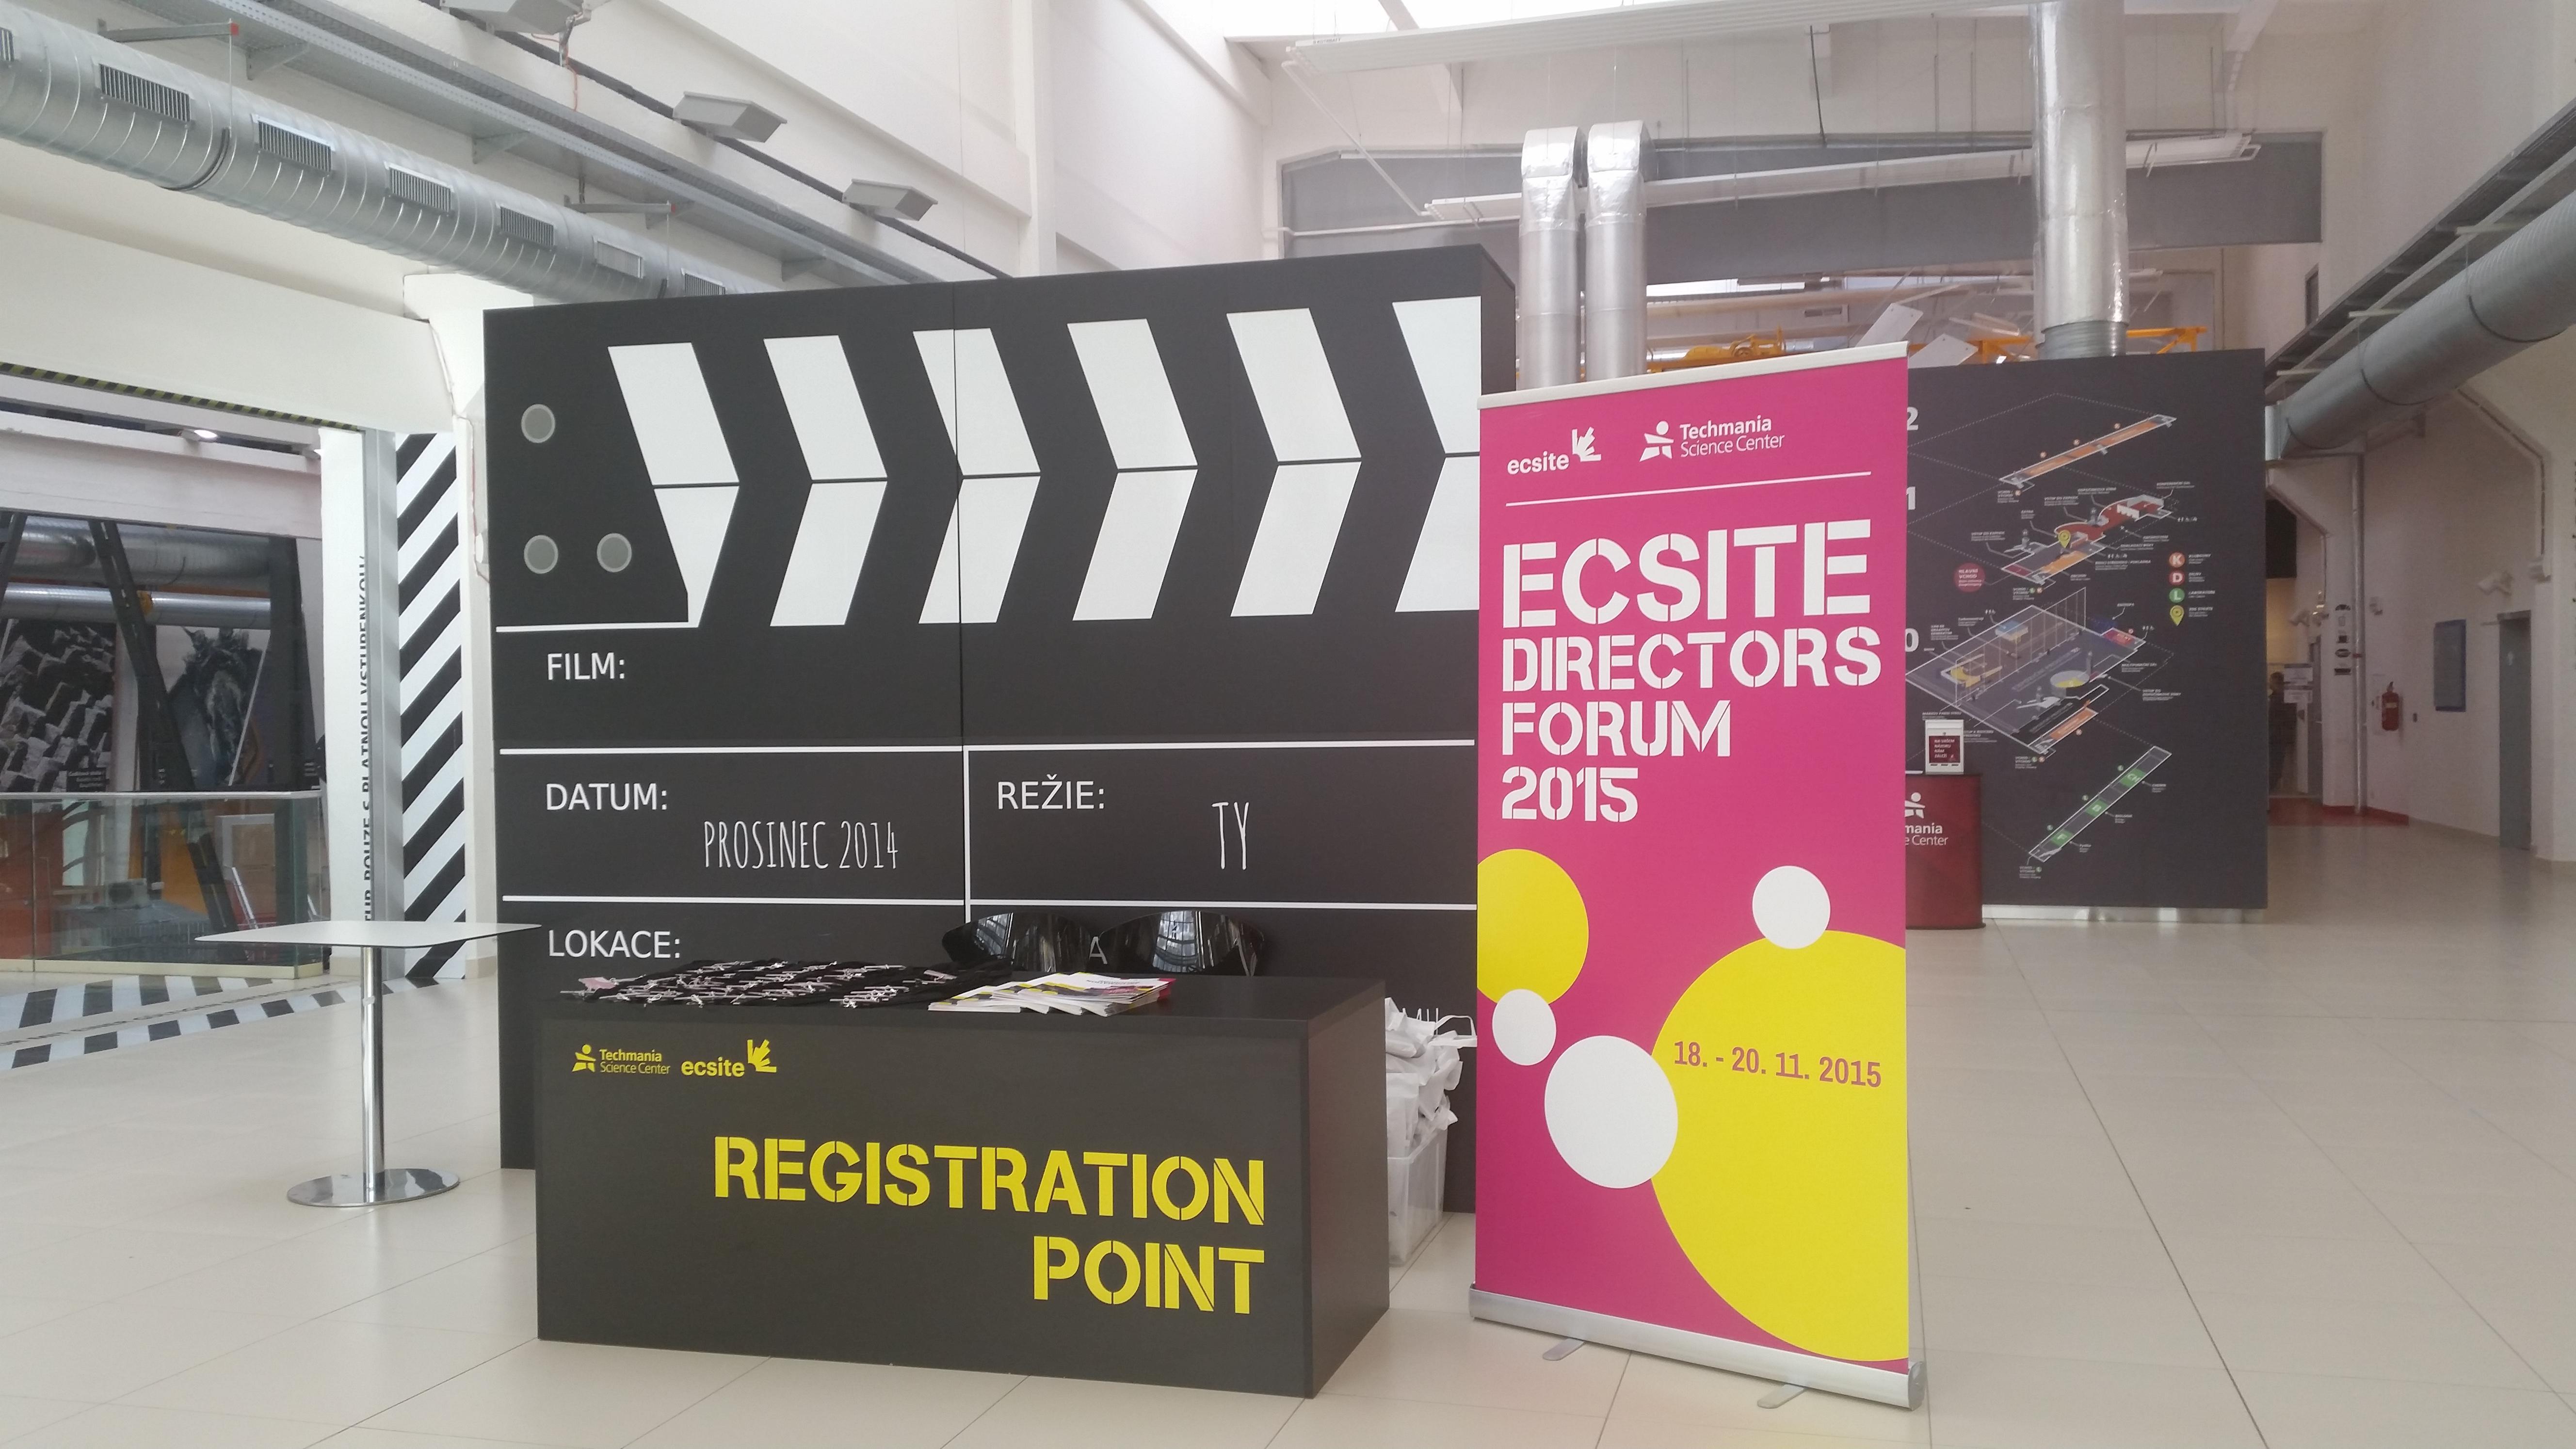 A warm welcome to #EcsiteDF2015 participants at Techmania, Pilsen, Czech Republic, 18-20 Nov 2015